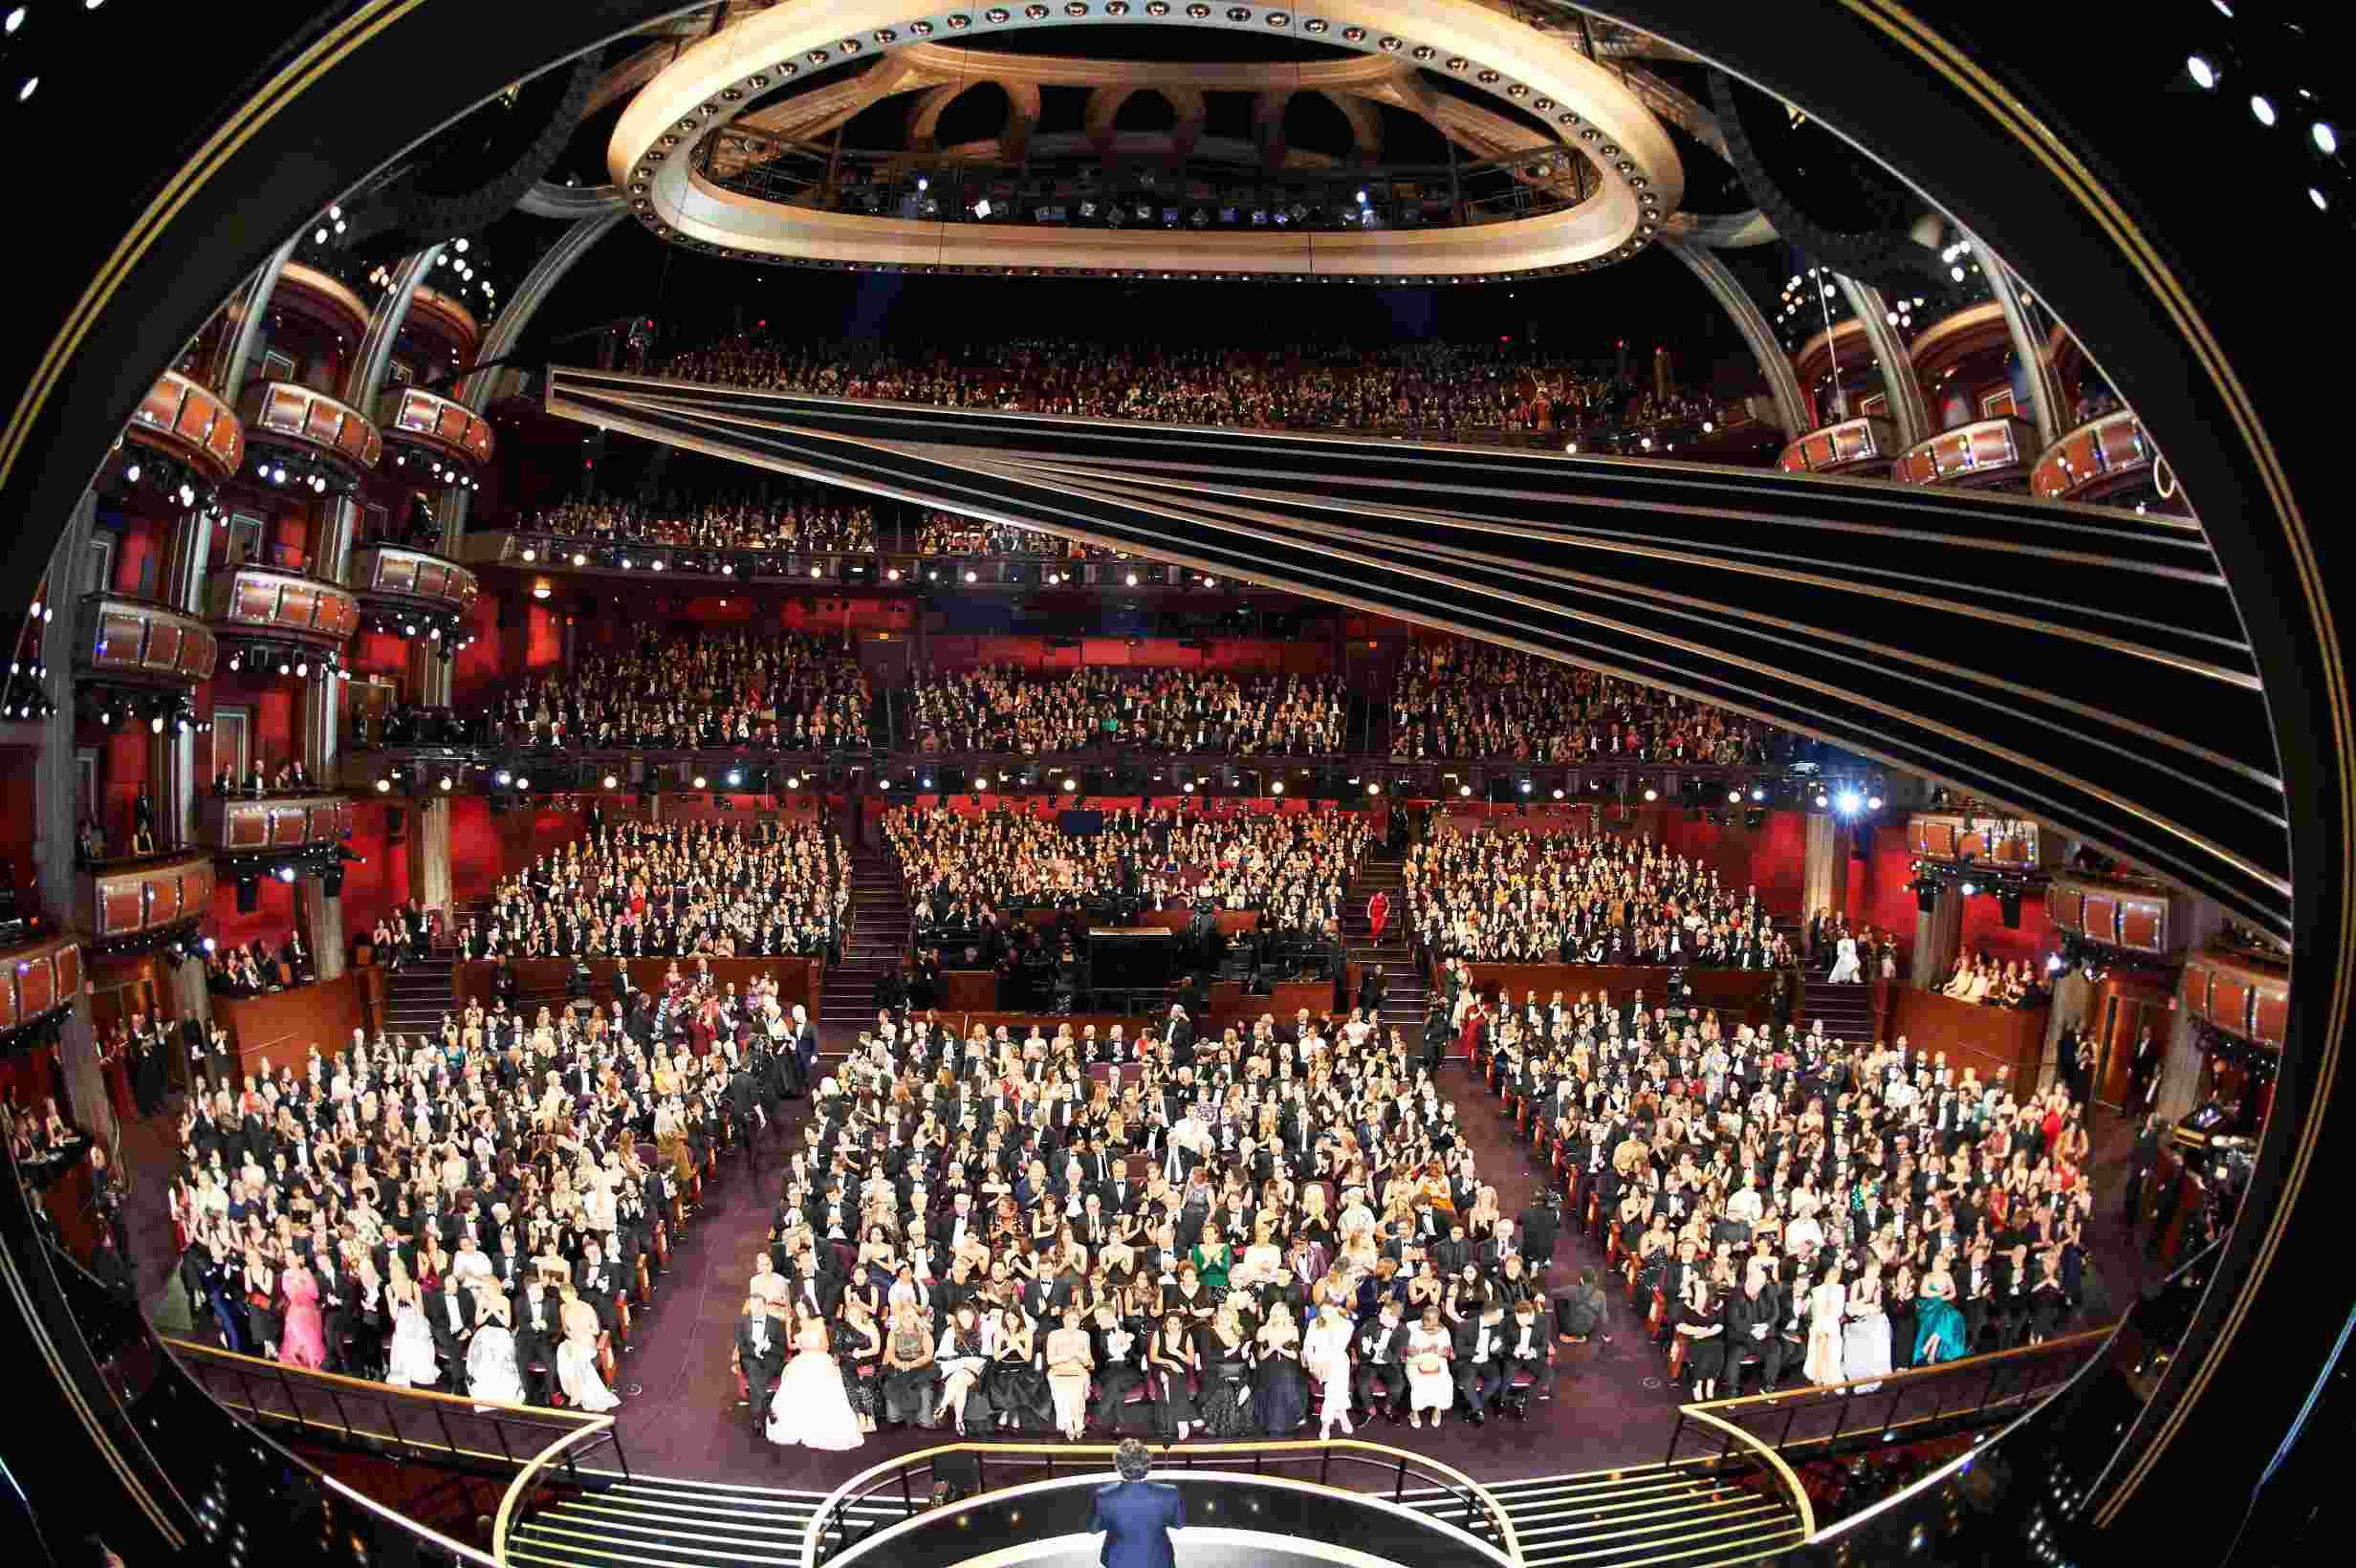 Reguli excepționale pentru Oscar 2021